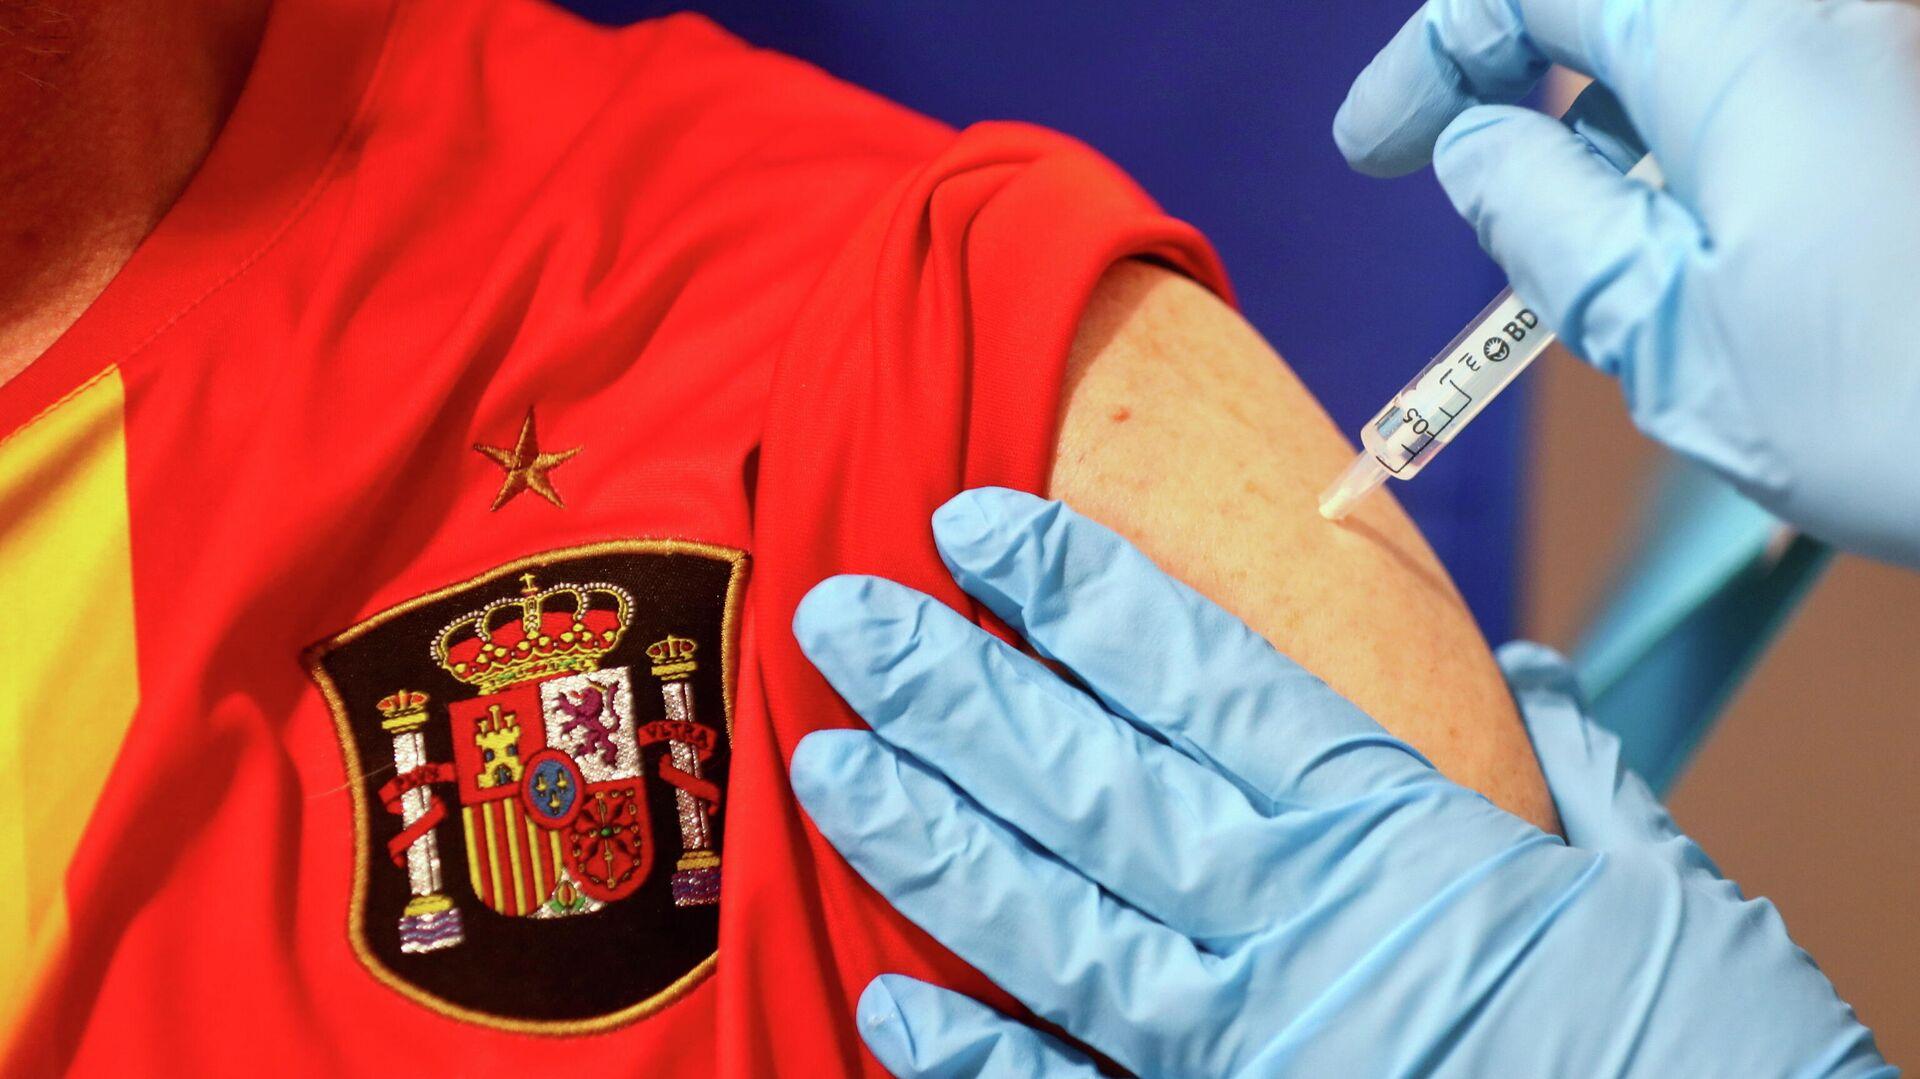 Vacunación en España  - Sputnik Mundo, 1920, 12.05.2021